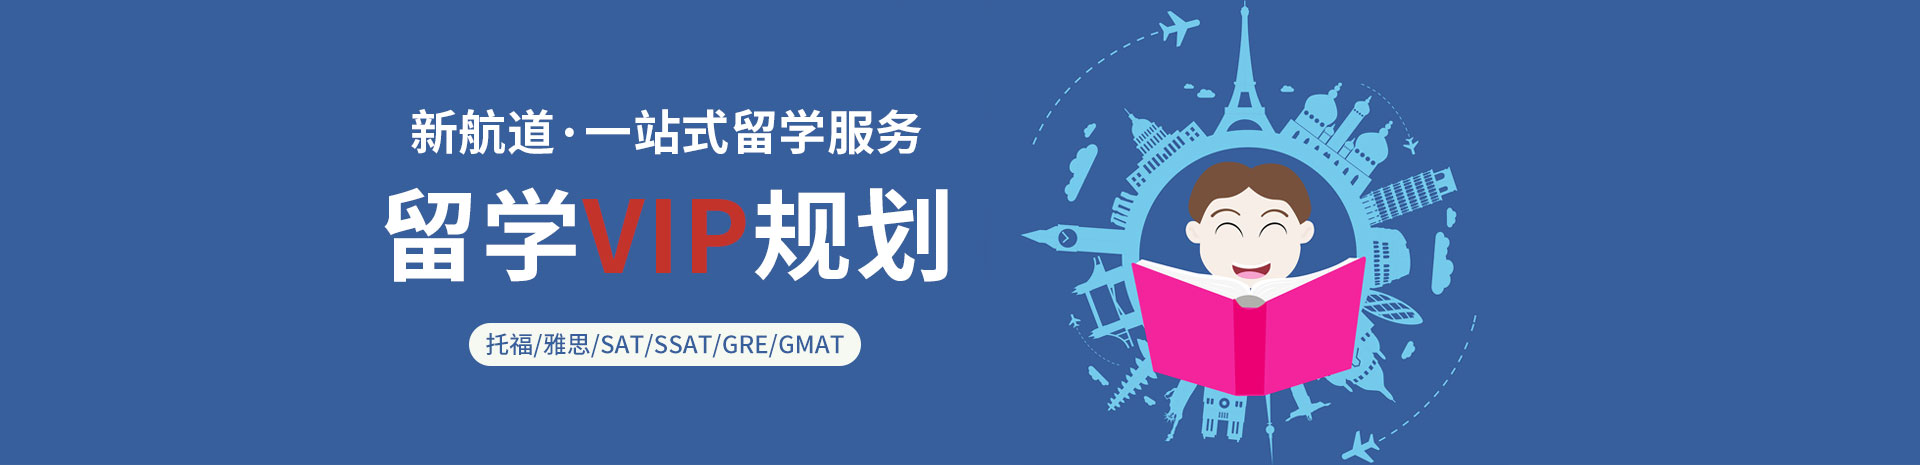 天津新航道教育